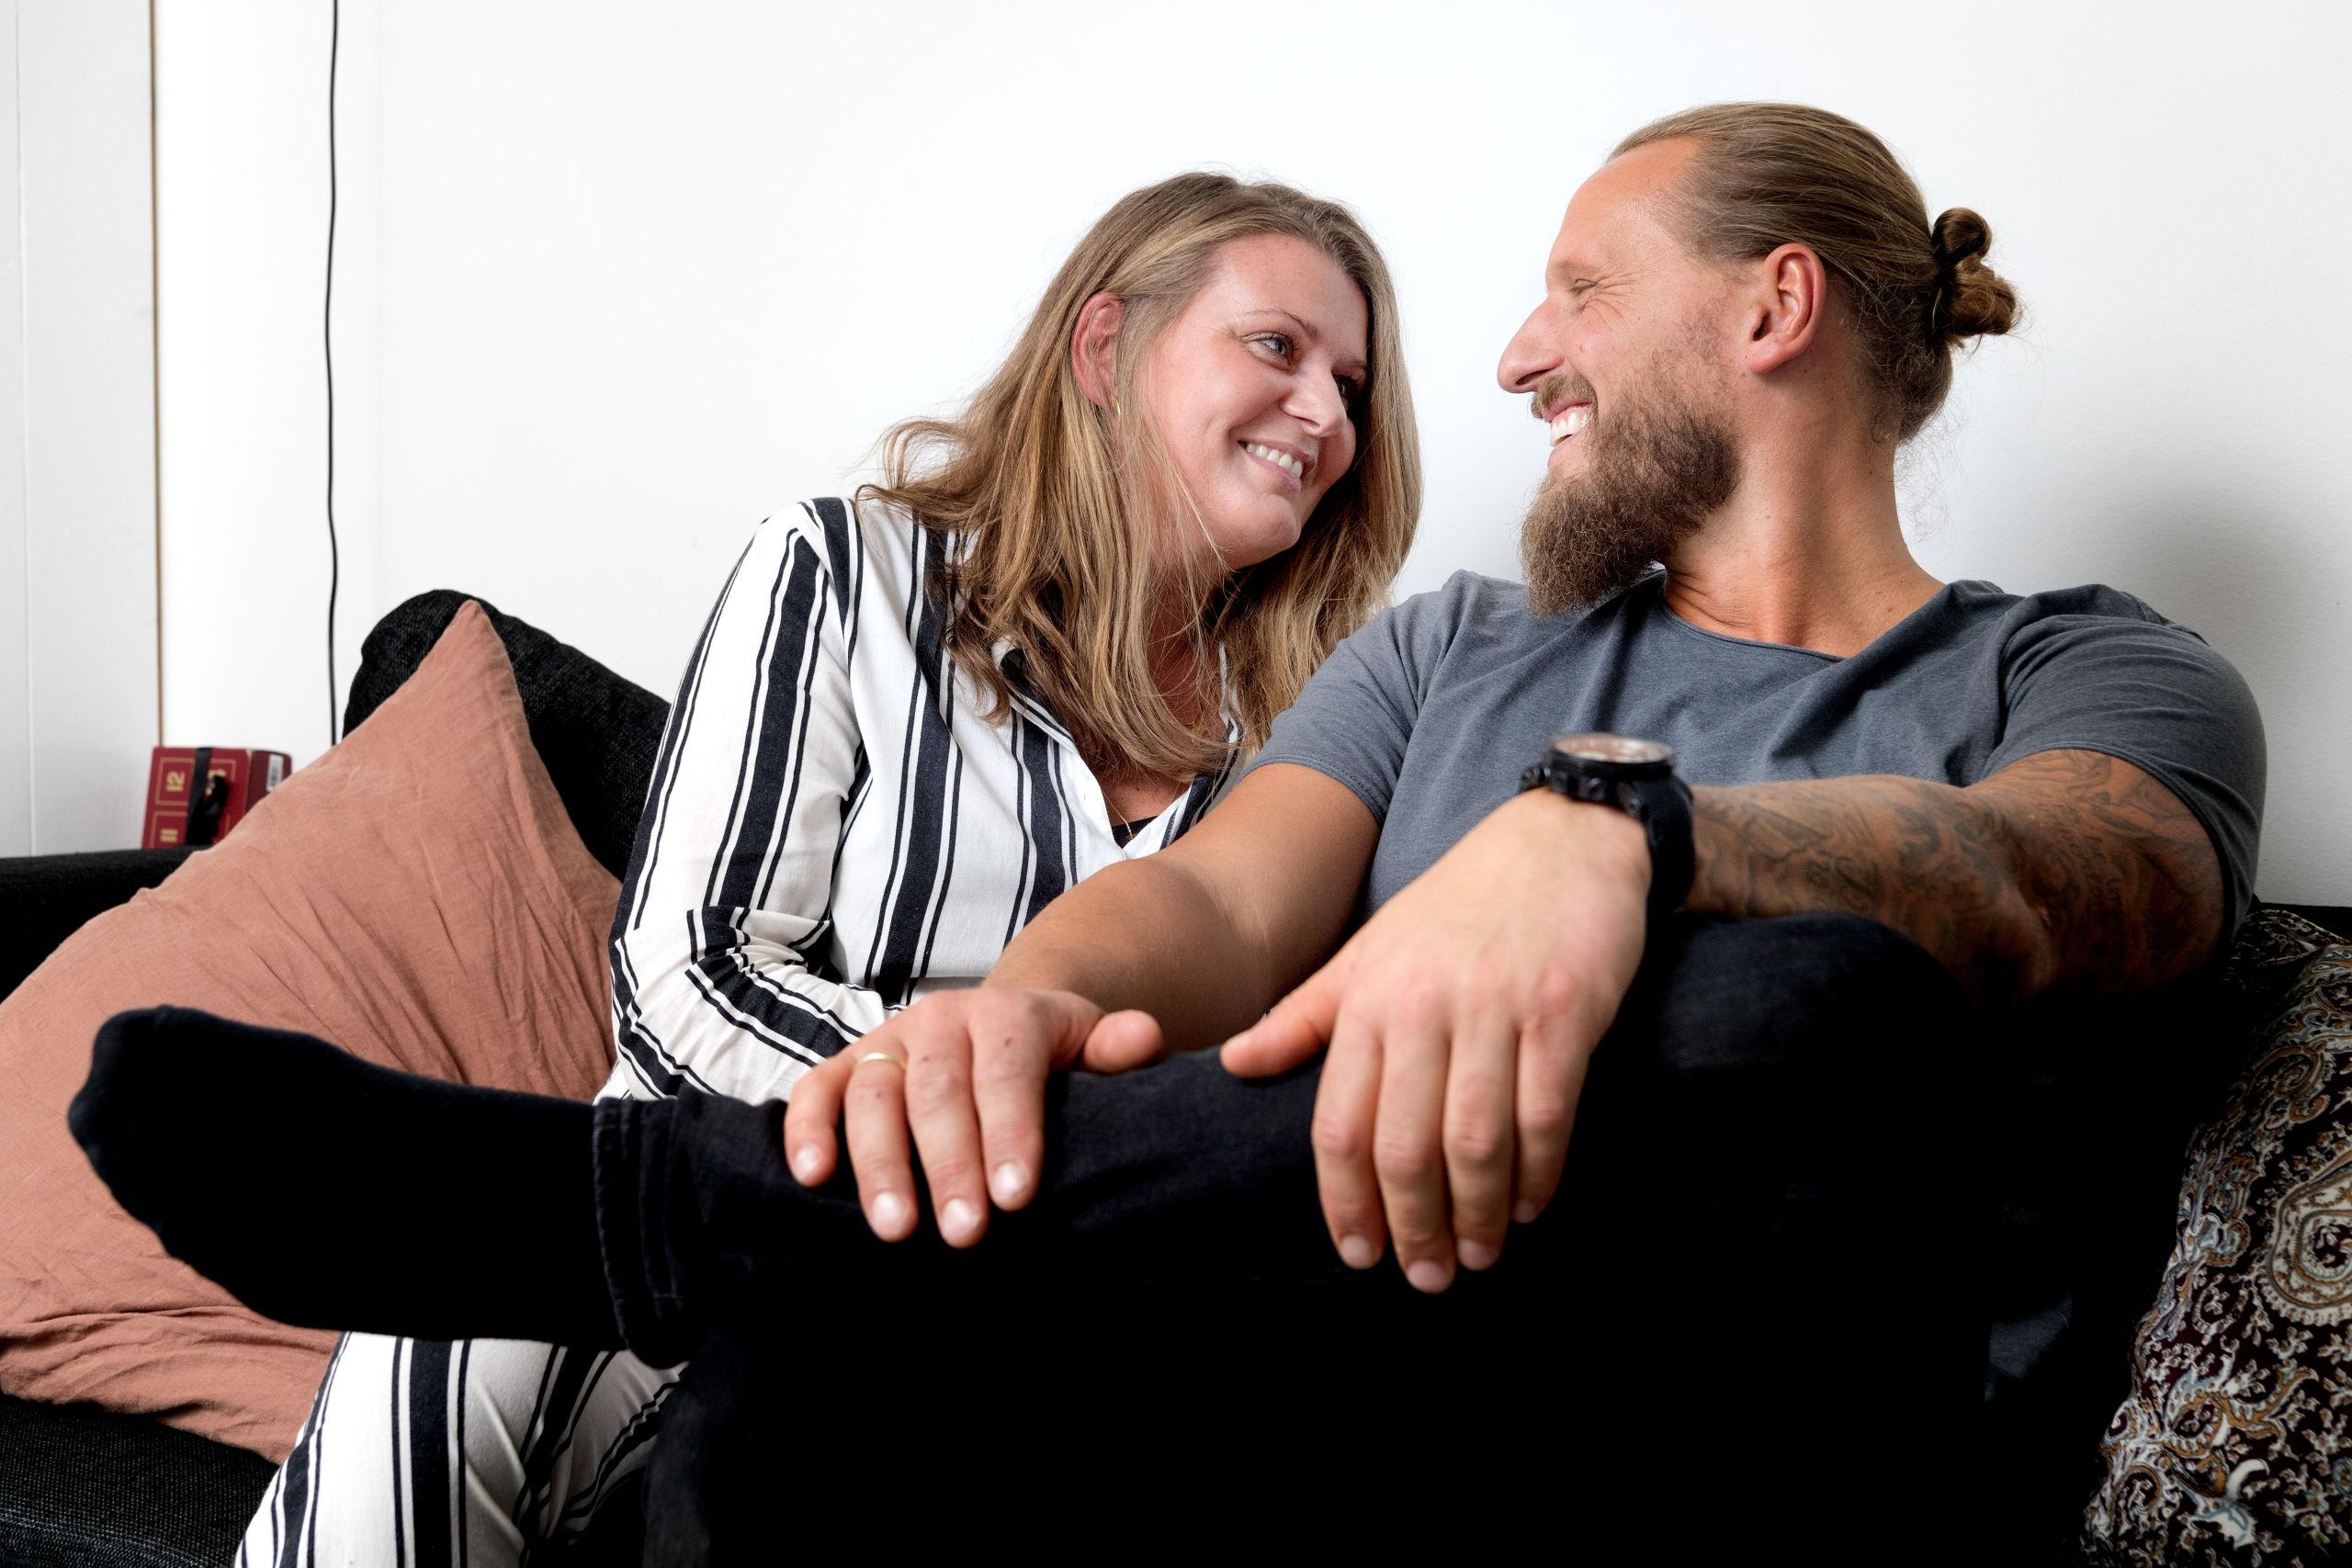 Tanken bag julefesten er, at ingen skal sidde alene juleaften, siger Trine og Henrik Bakgaard. Foto: Torben Hansen